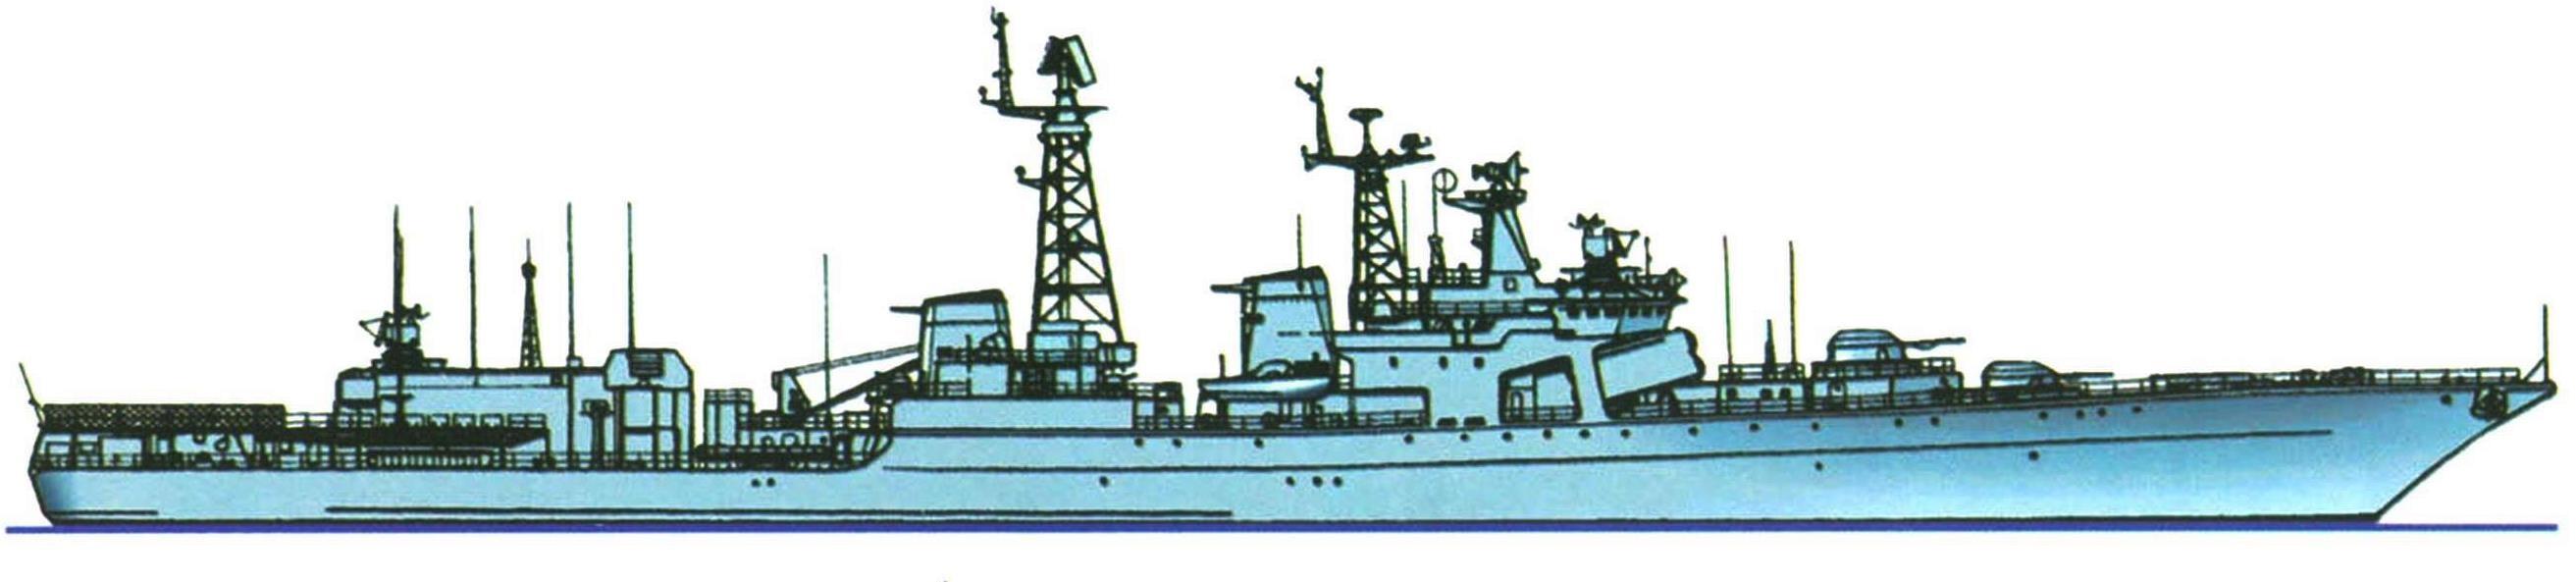 """Большой противолодочный корабль """"Адмирал Захаров"""" (проект 1155), СССР, 1981 г."""